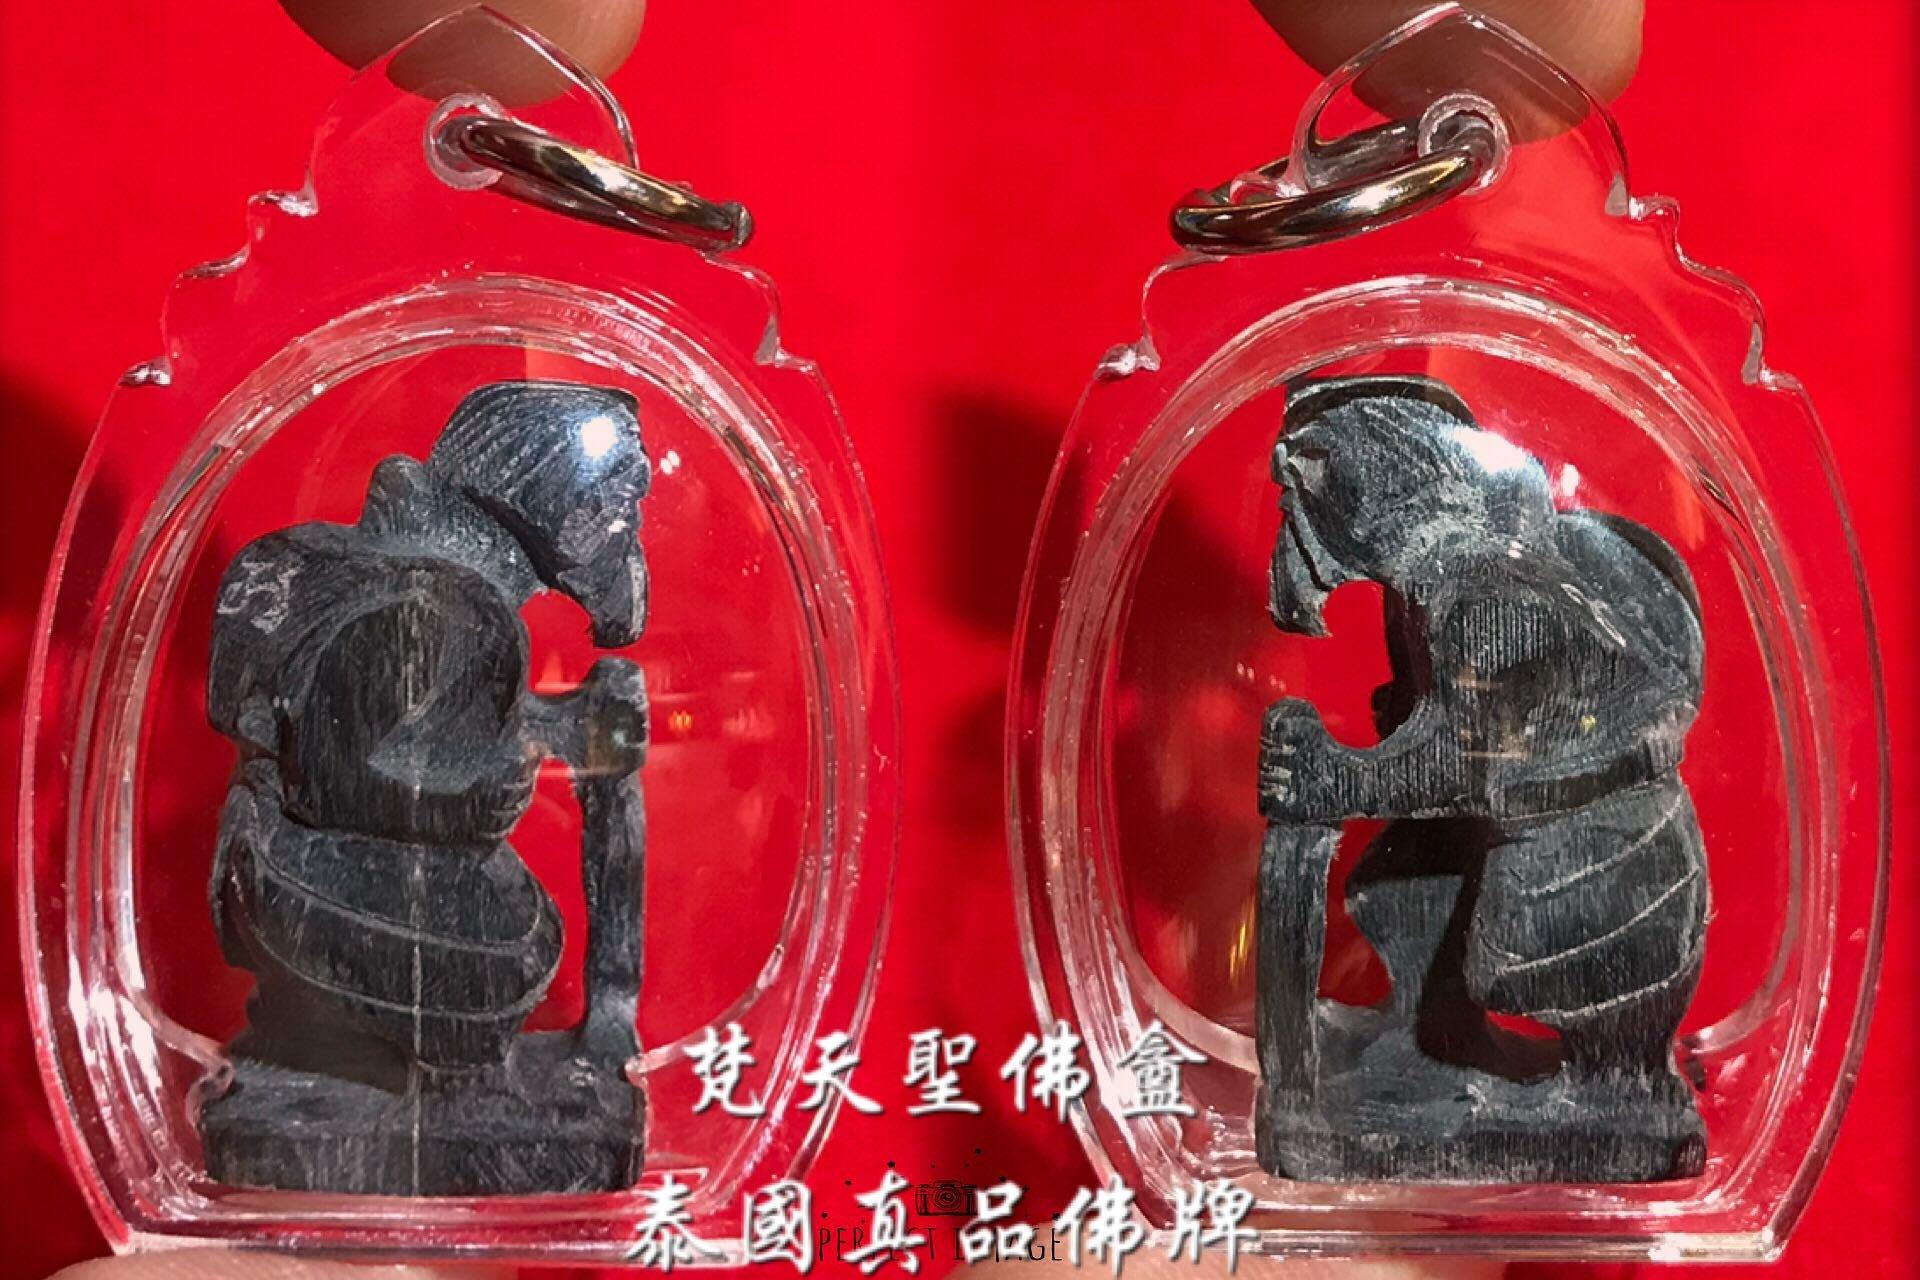 梵天聖佛盦 泰國真品佛牌 - 徐祝老牌佛寶 水牛角雕品